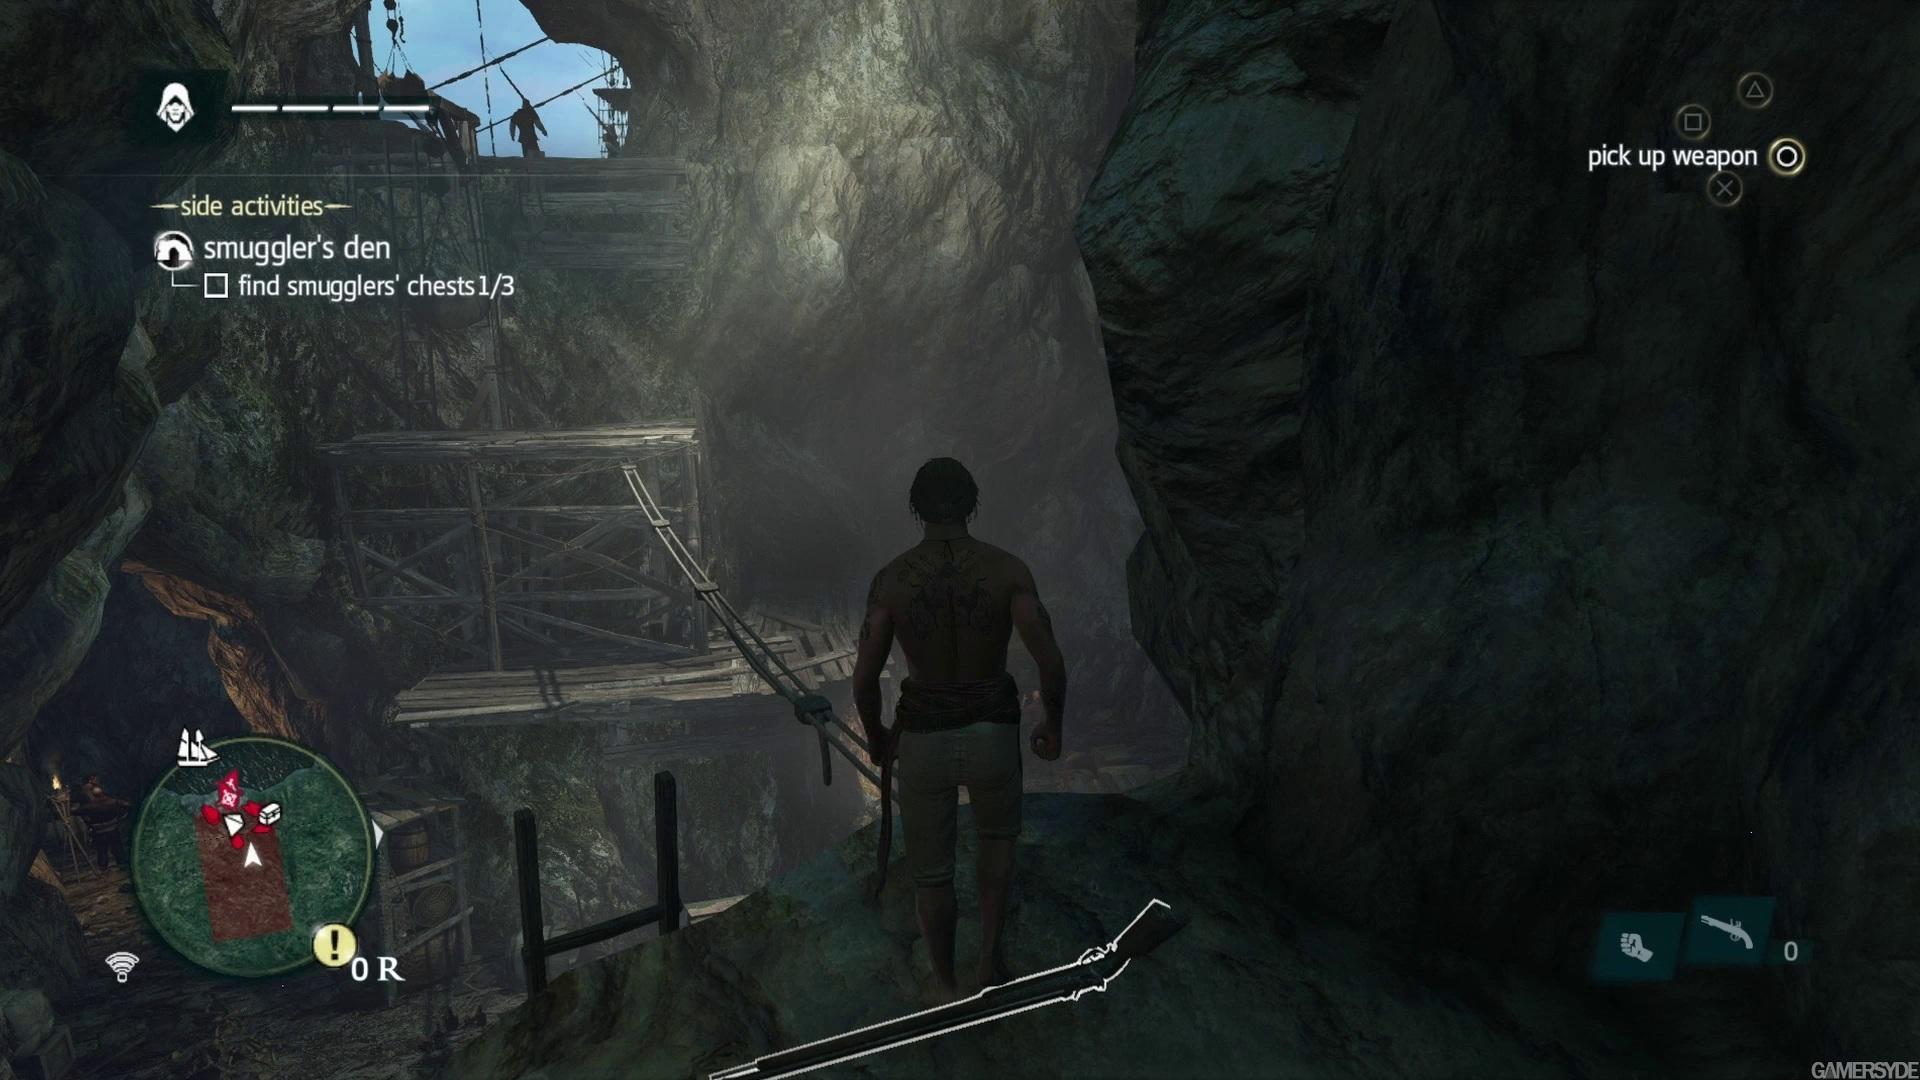 image   23118 1 0013 با تصاویر جدید Assassins Creed IV، شکار کوسه، پیدا کردن گنج ها در زیر آب و بیشتر را ببینید